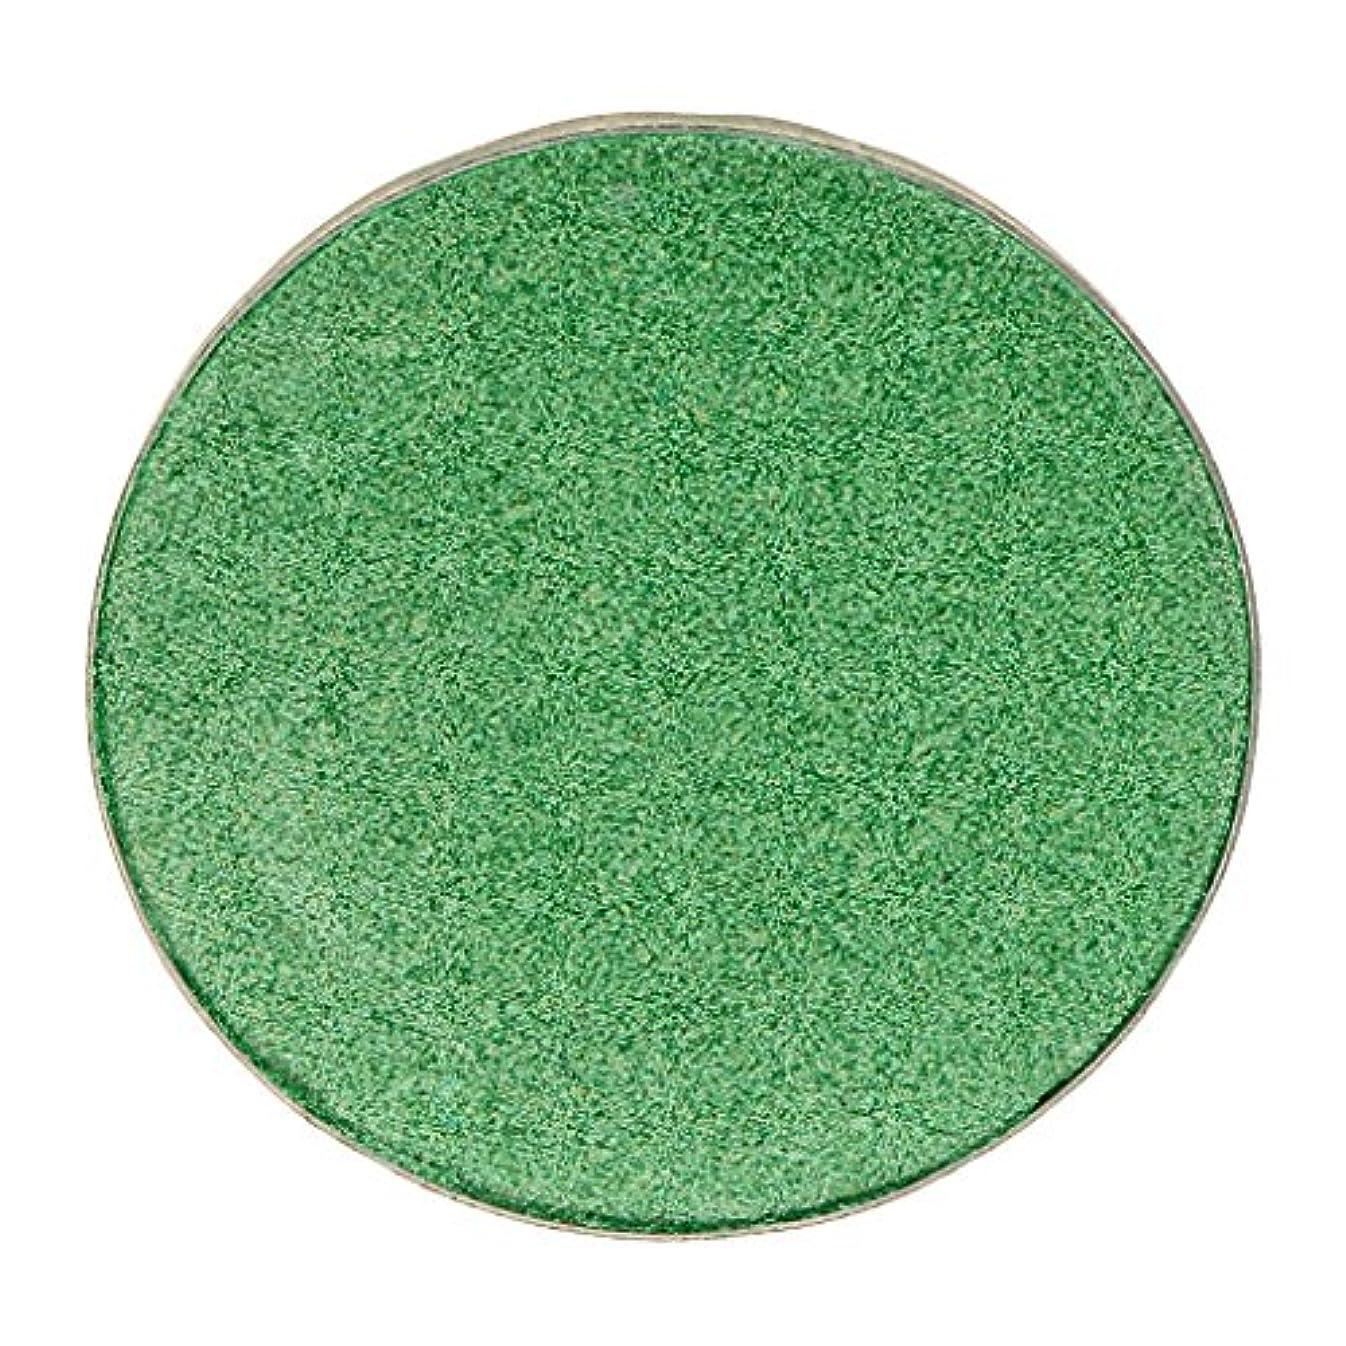 しないでください供給生じるSONONIA 化粧品用 アイシャドウ ハイライター パレット マット シマー アイシャドーメイク 結婚式 パーティー 全5色 - #38グリーン